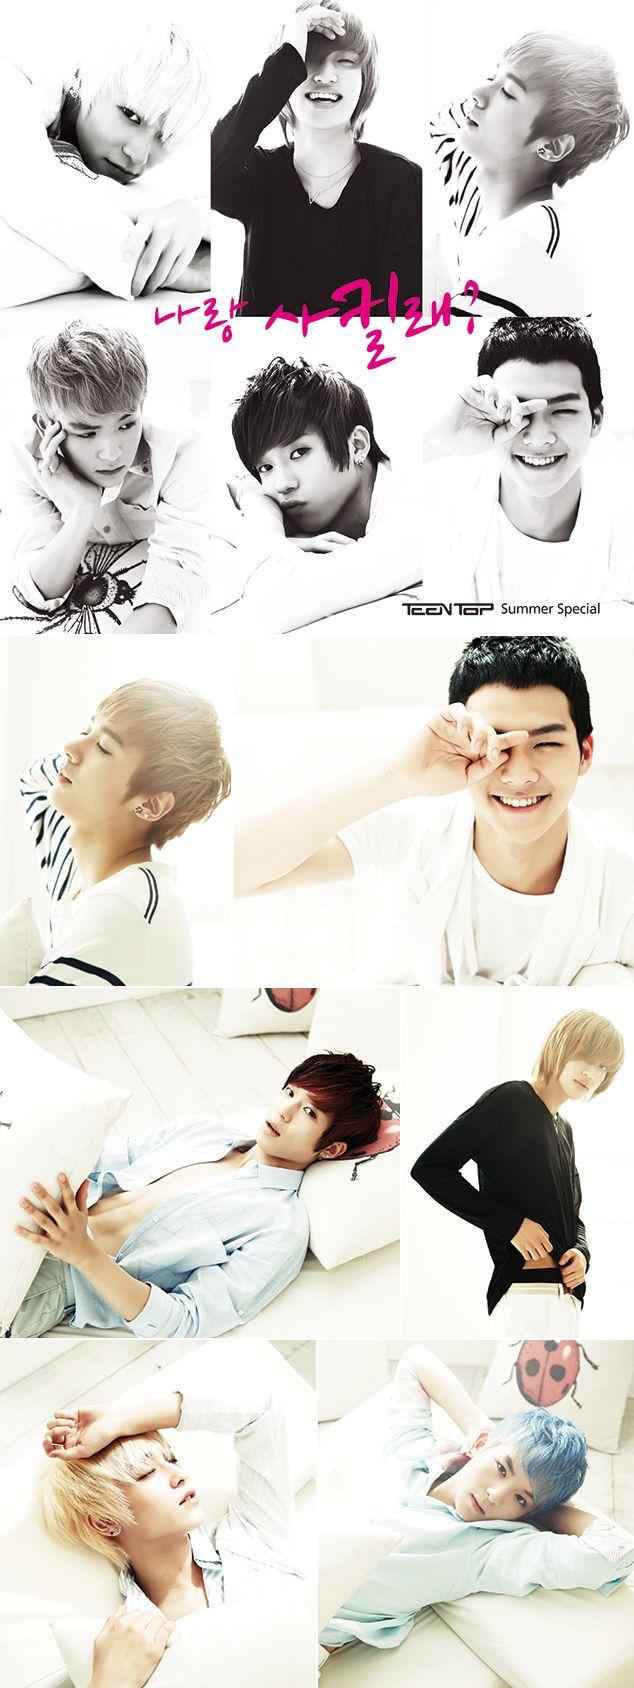 멜론 뮤직스토리 :: 데뷔 3주년 틴탑(TEEN TOP)